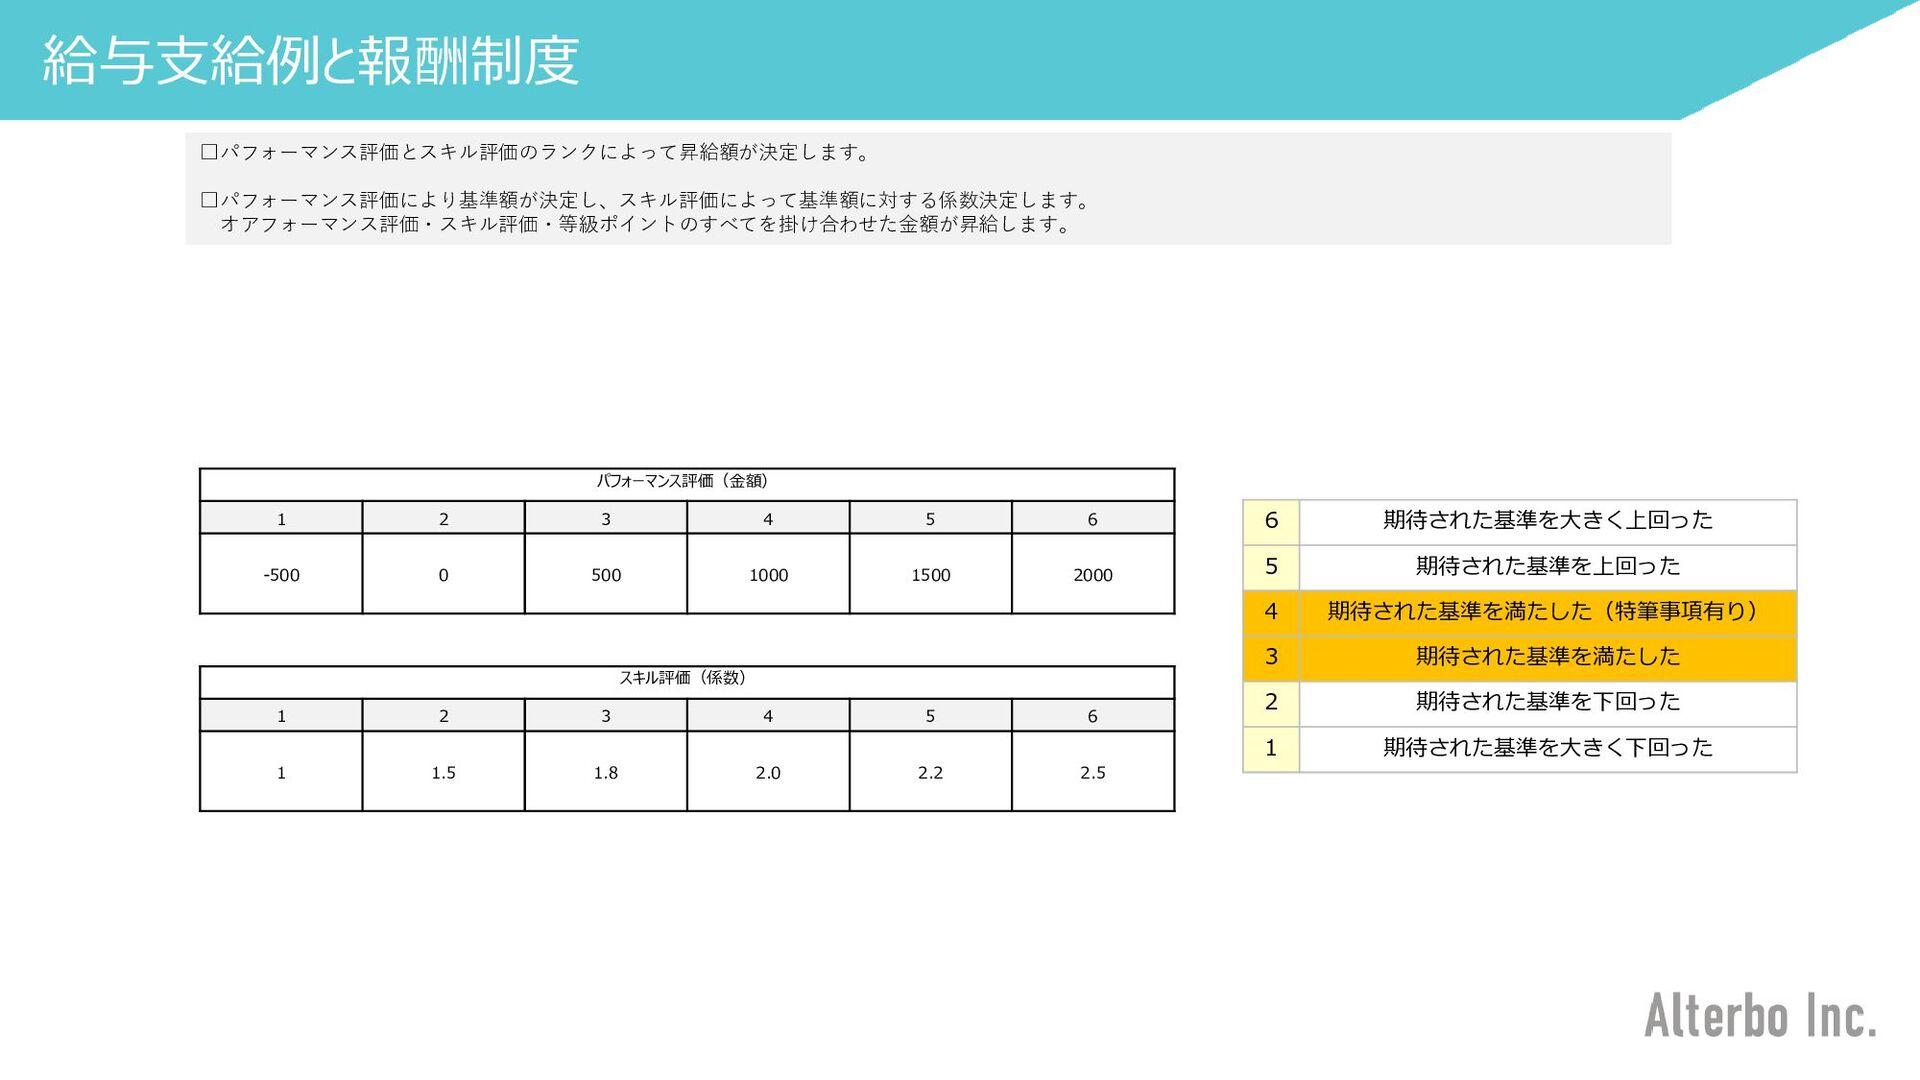 エンジニア紹介③ 福岡の老舗SIer企業から上京、オルターボでは社内でゲーム開発、Web開発で...